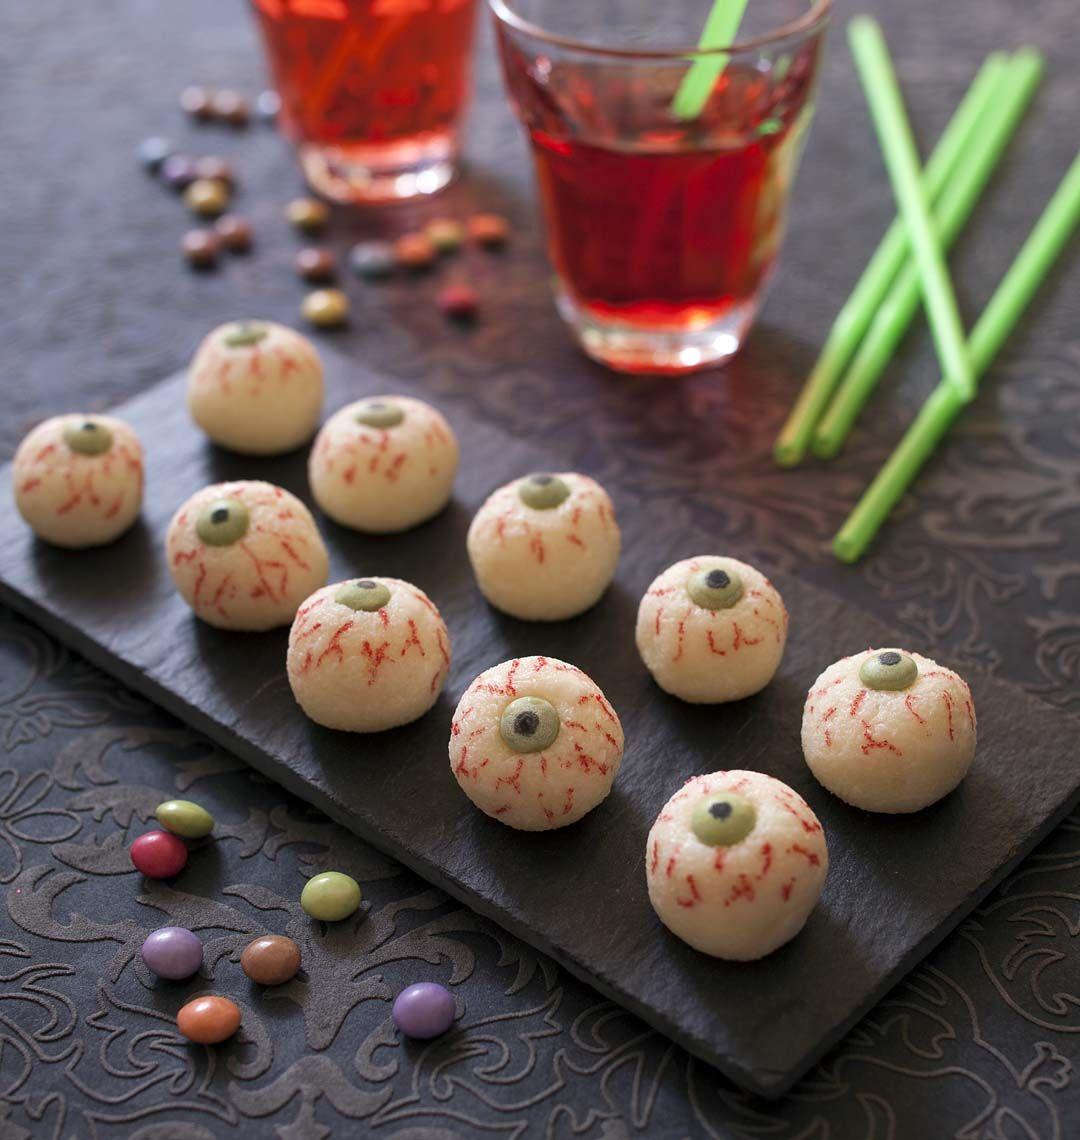 Yeux d'Halloween façon boule coco - Recettes de cuisine Ôdélices